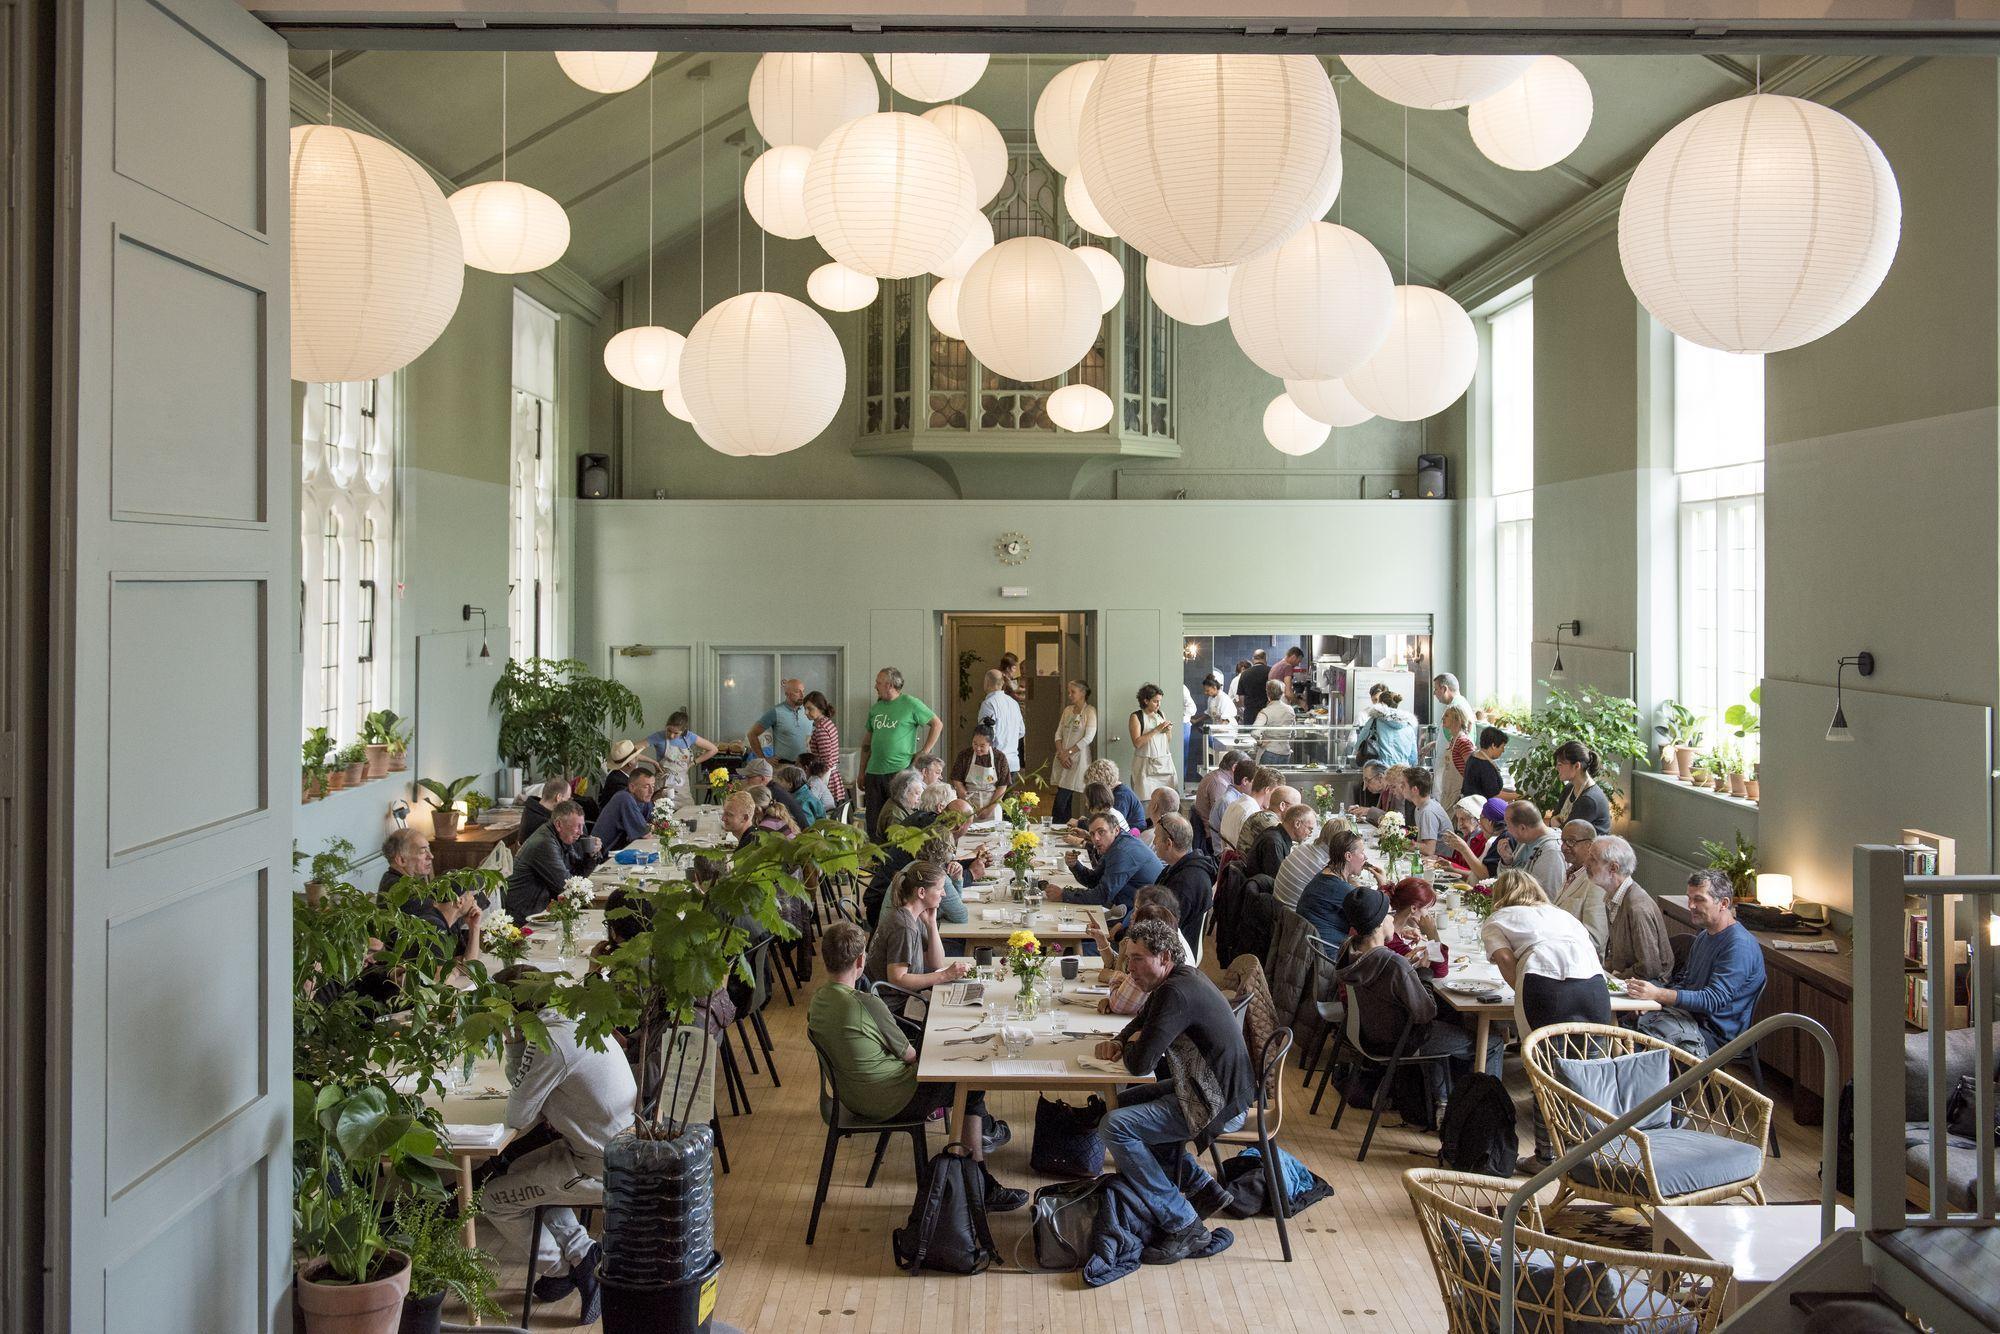 Det store, åbne rum med langborde, der er fint dækket op, under mange store designerlamper, der hænger ned fra loftet.